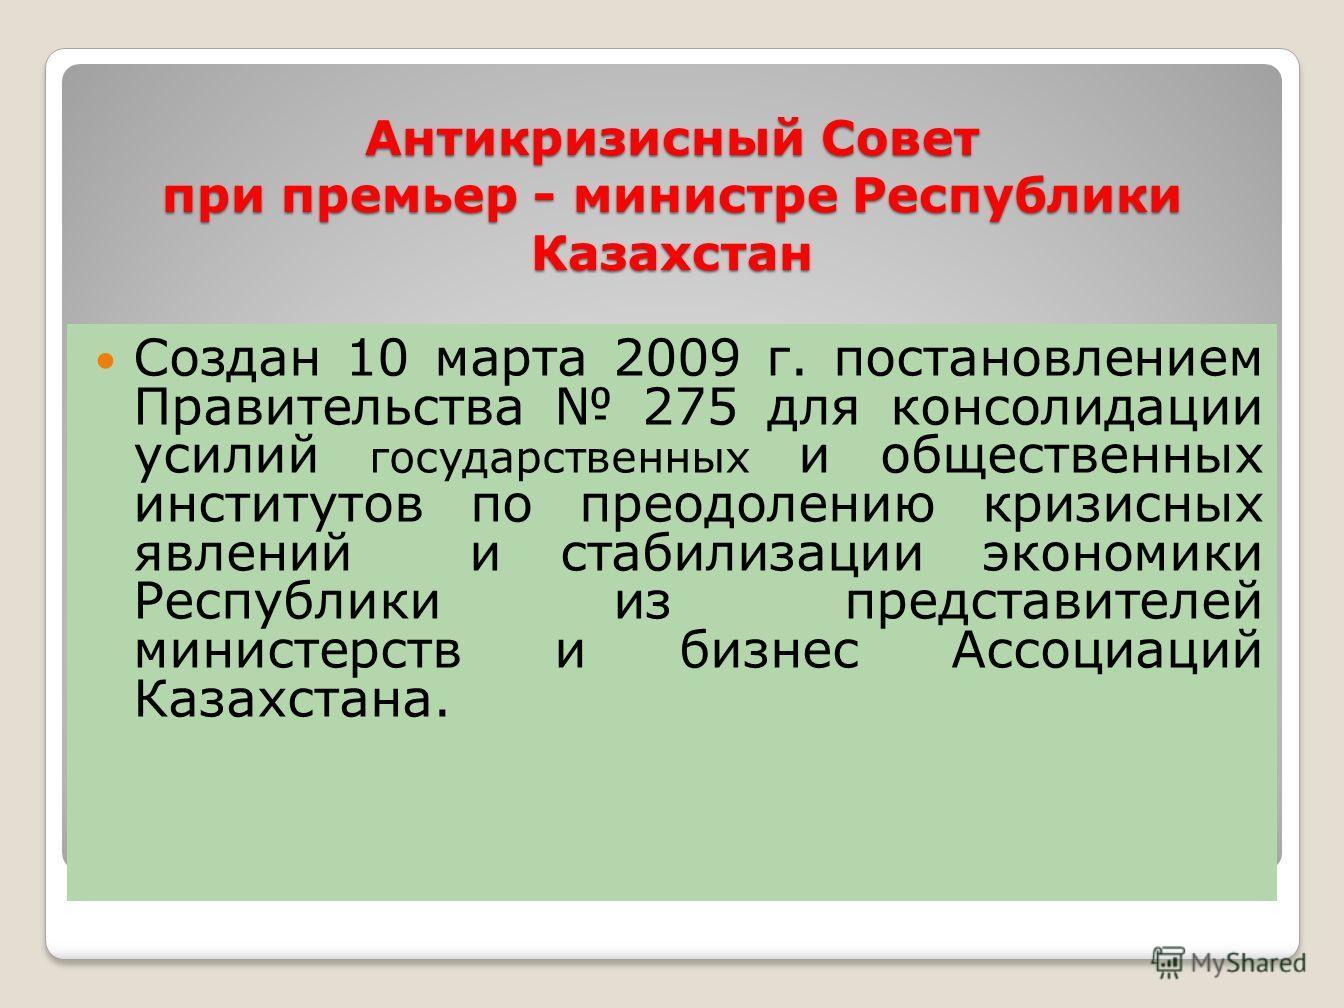 Антикризисный Совет при премьер - министре Республики Казахстан Создан 10 марта 2009 г. постановлением Правительства 275 для консолидации усилий государственных и общественных институтов по преодолению кризисных явлений и стабилизации экономики Респу